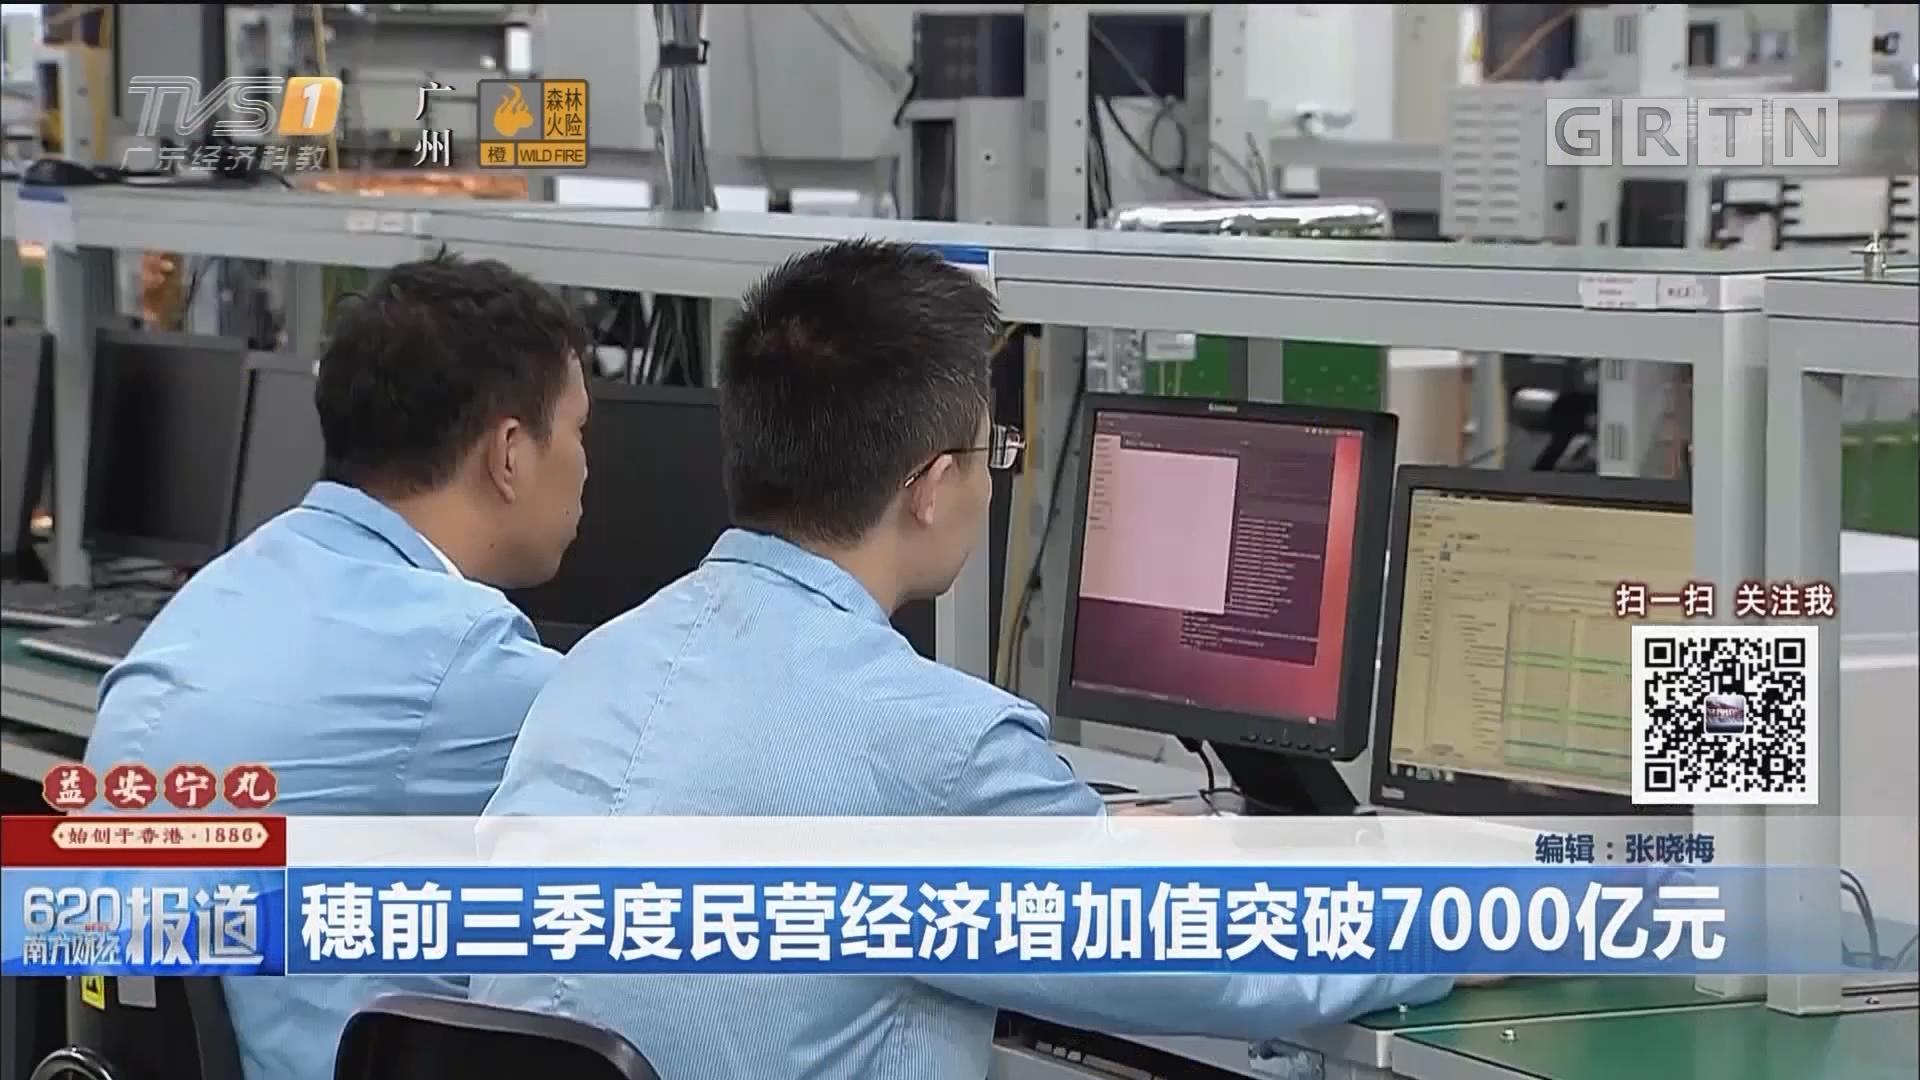 穗前三季度民营经济增加值突破7000亿元